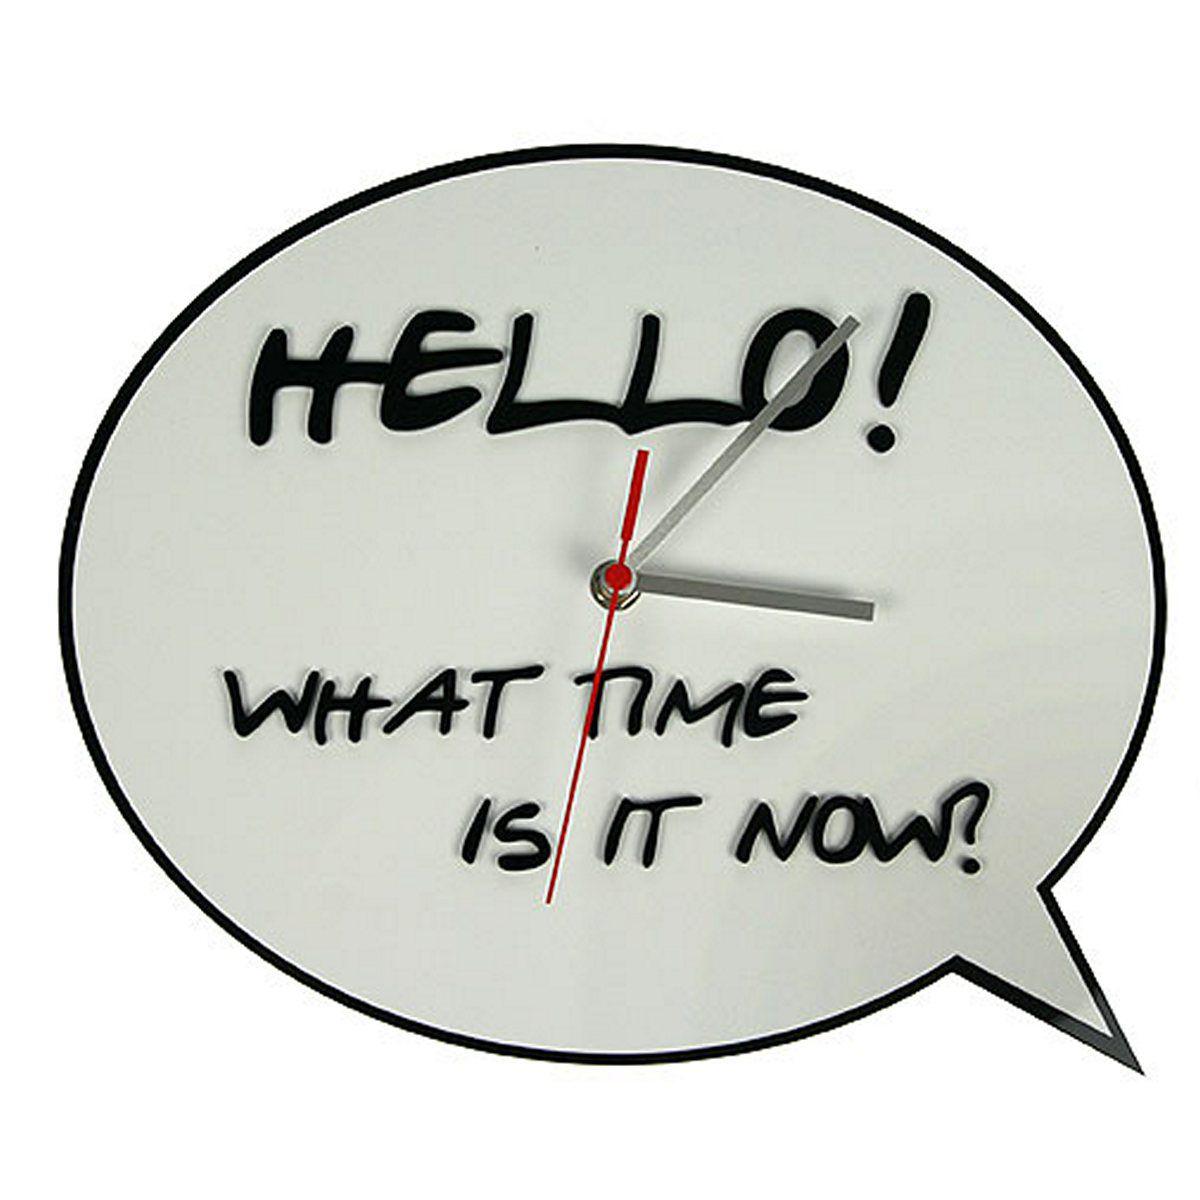 Часы настенные Русские Подарки, диаметр 30 см. 122421SC - WCD10PНастенные кварцевые часы Русские Подарки изготовлены из полиамида. Корпус оформлен надписью на английском языке: Hello! What time is it now?. Часы имеют три стрелки - часовую, минутную и секундную. С обратной стороны имеетсяпетелька для подвешивания на стену.Такие часы красиво и оригинально оформят интерьер дома или офиса. Также часы могут стать уникальным, полезным подарком для родственников, коллег, знакомых и близких.Часы работают от батареек типа АА (в комплект не входят).